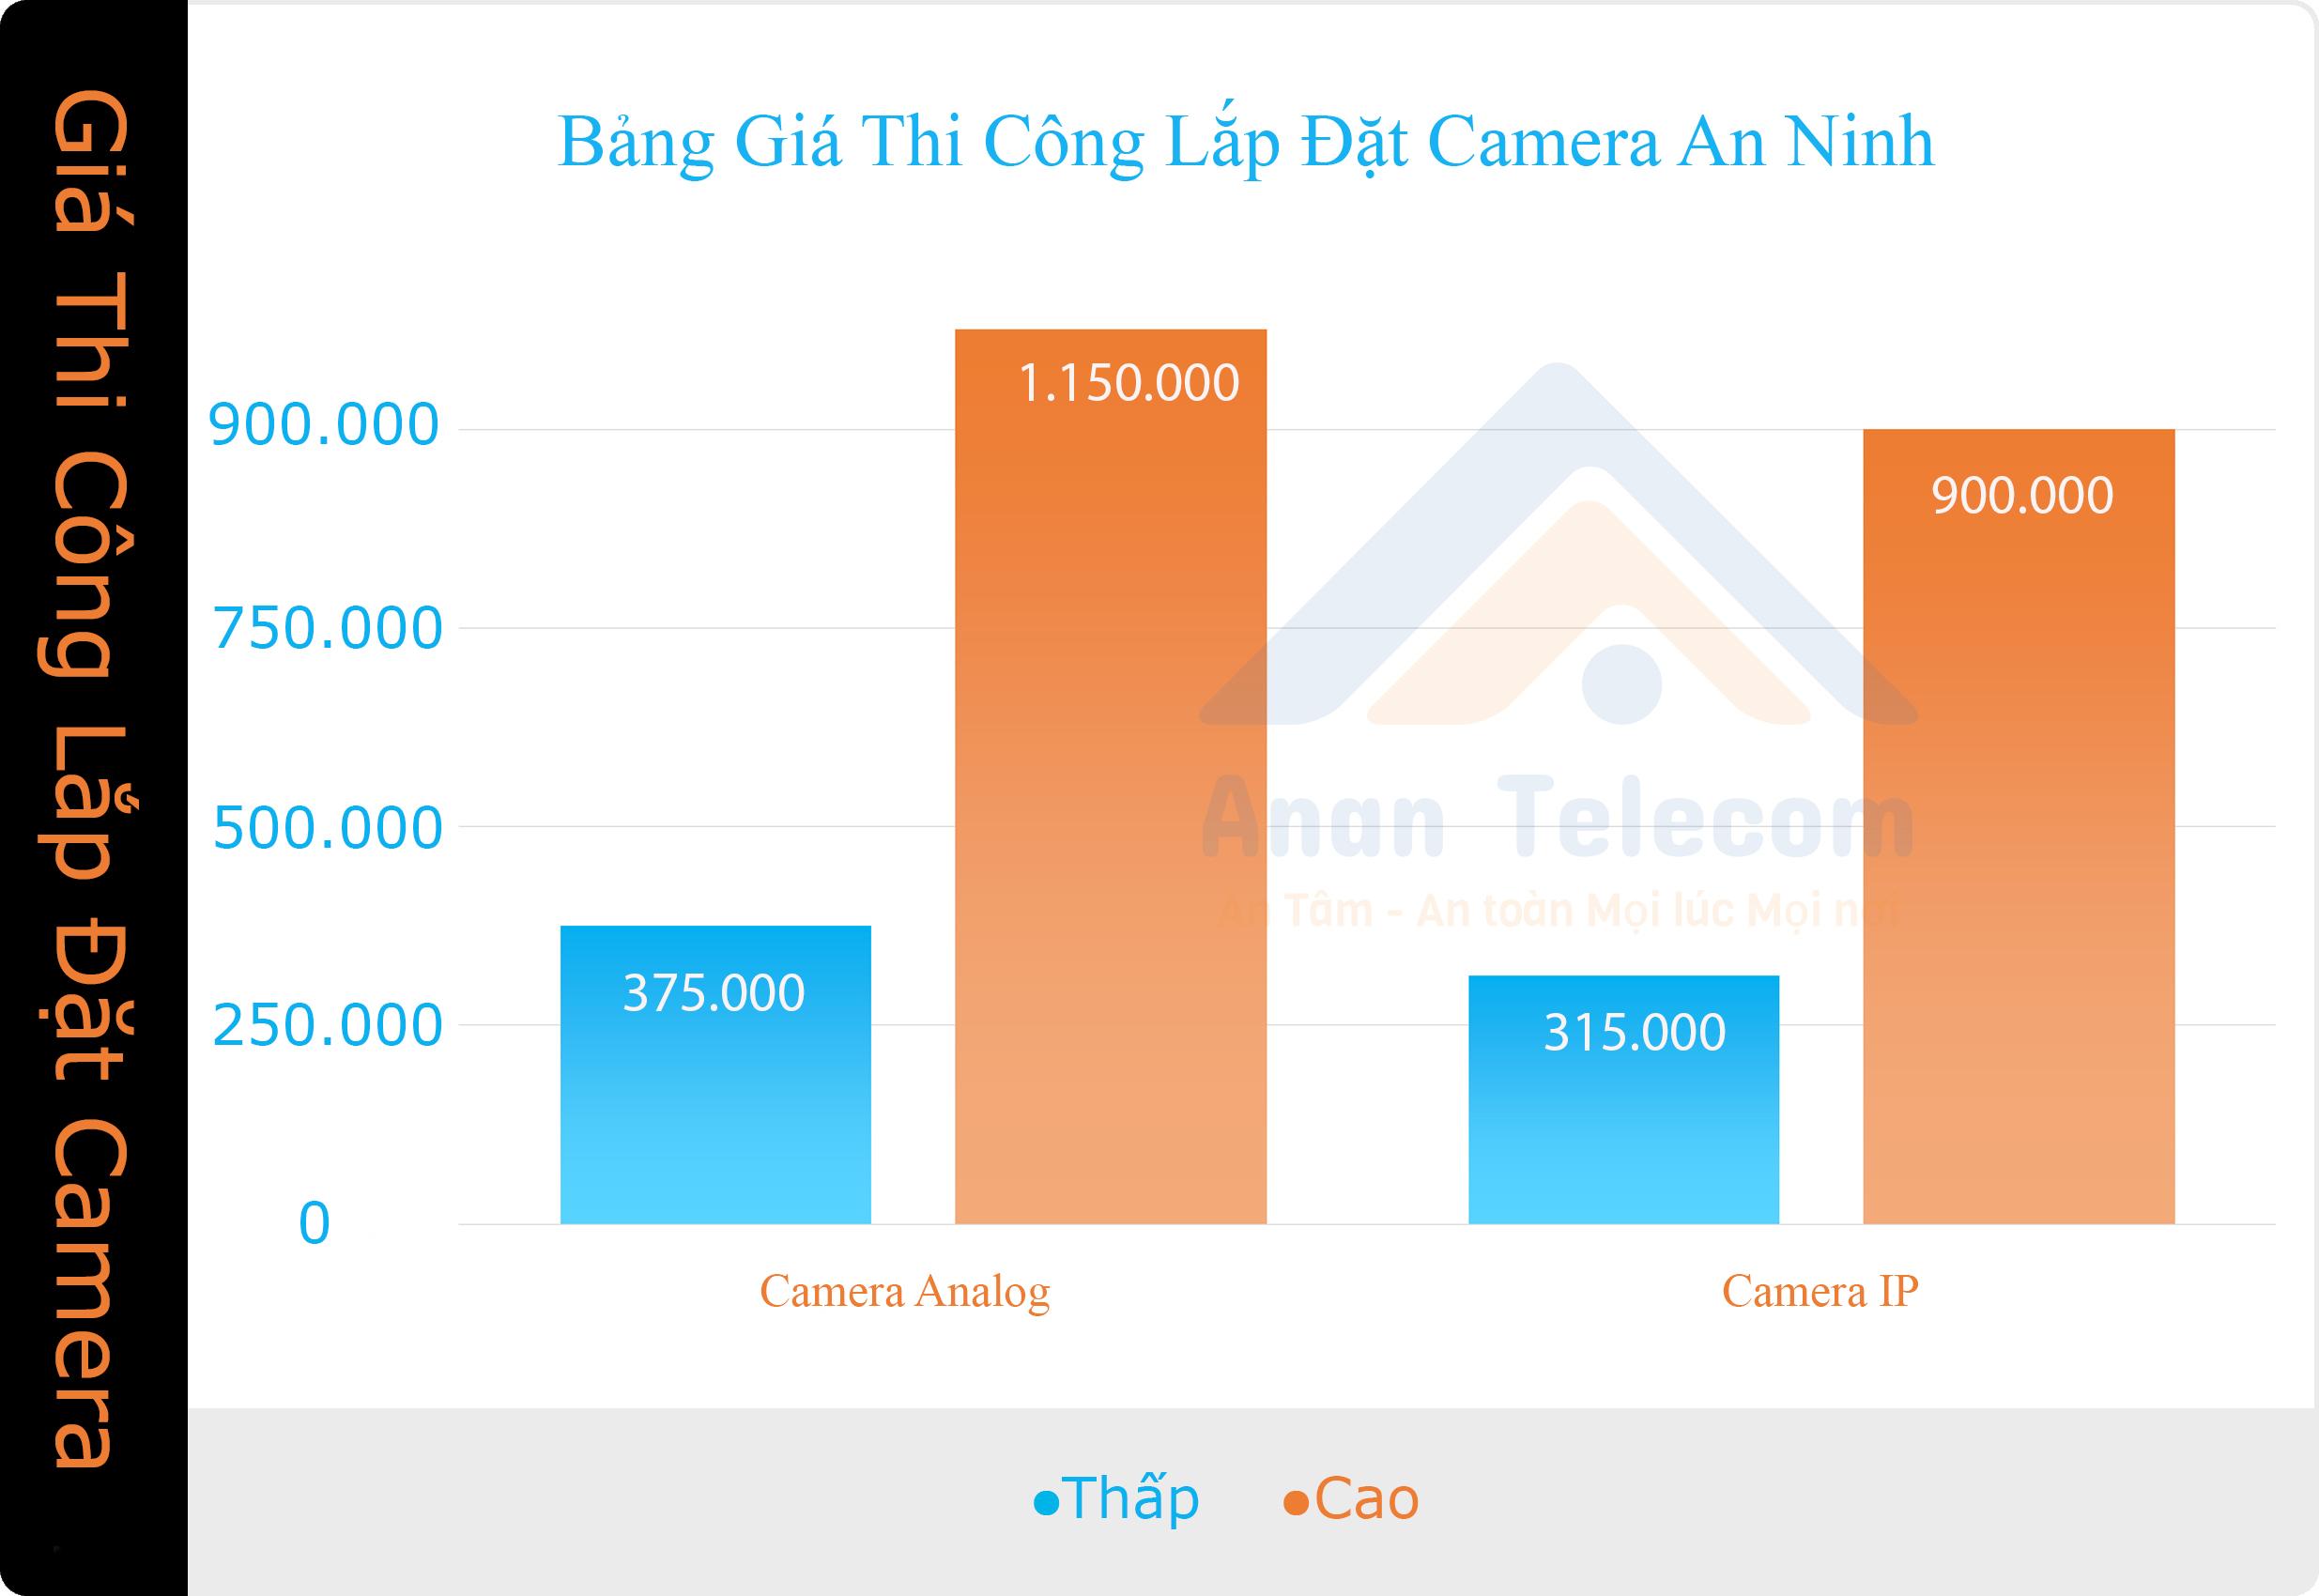 Biểu đồ Giá lắp đặt camera trung bình tại Việt Nam